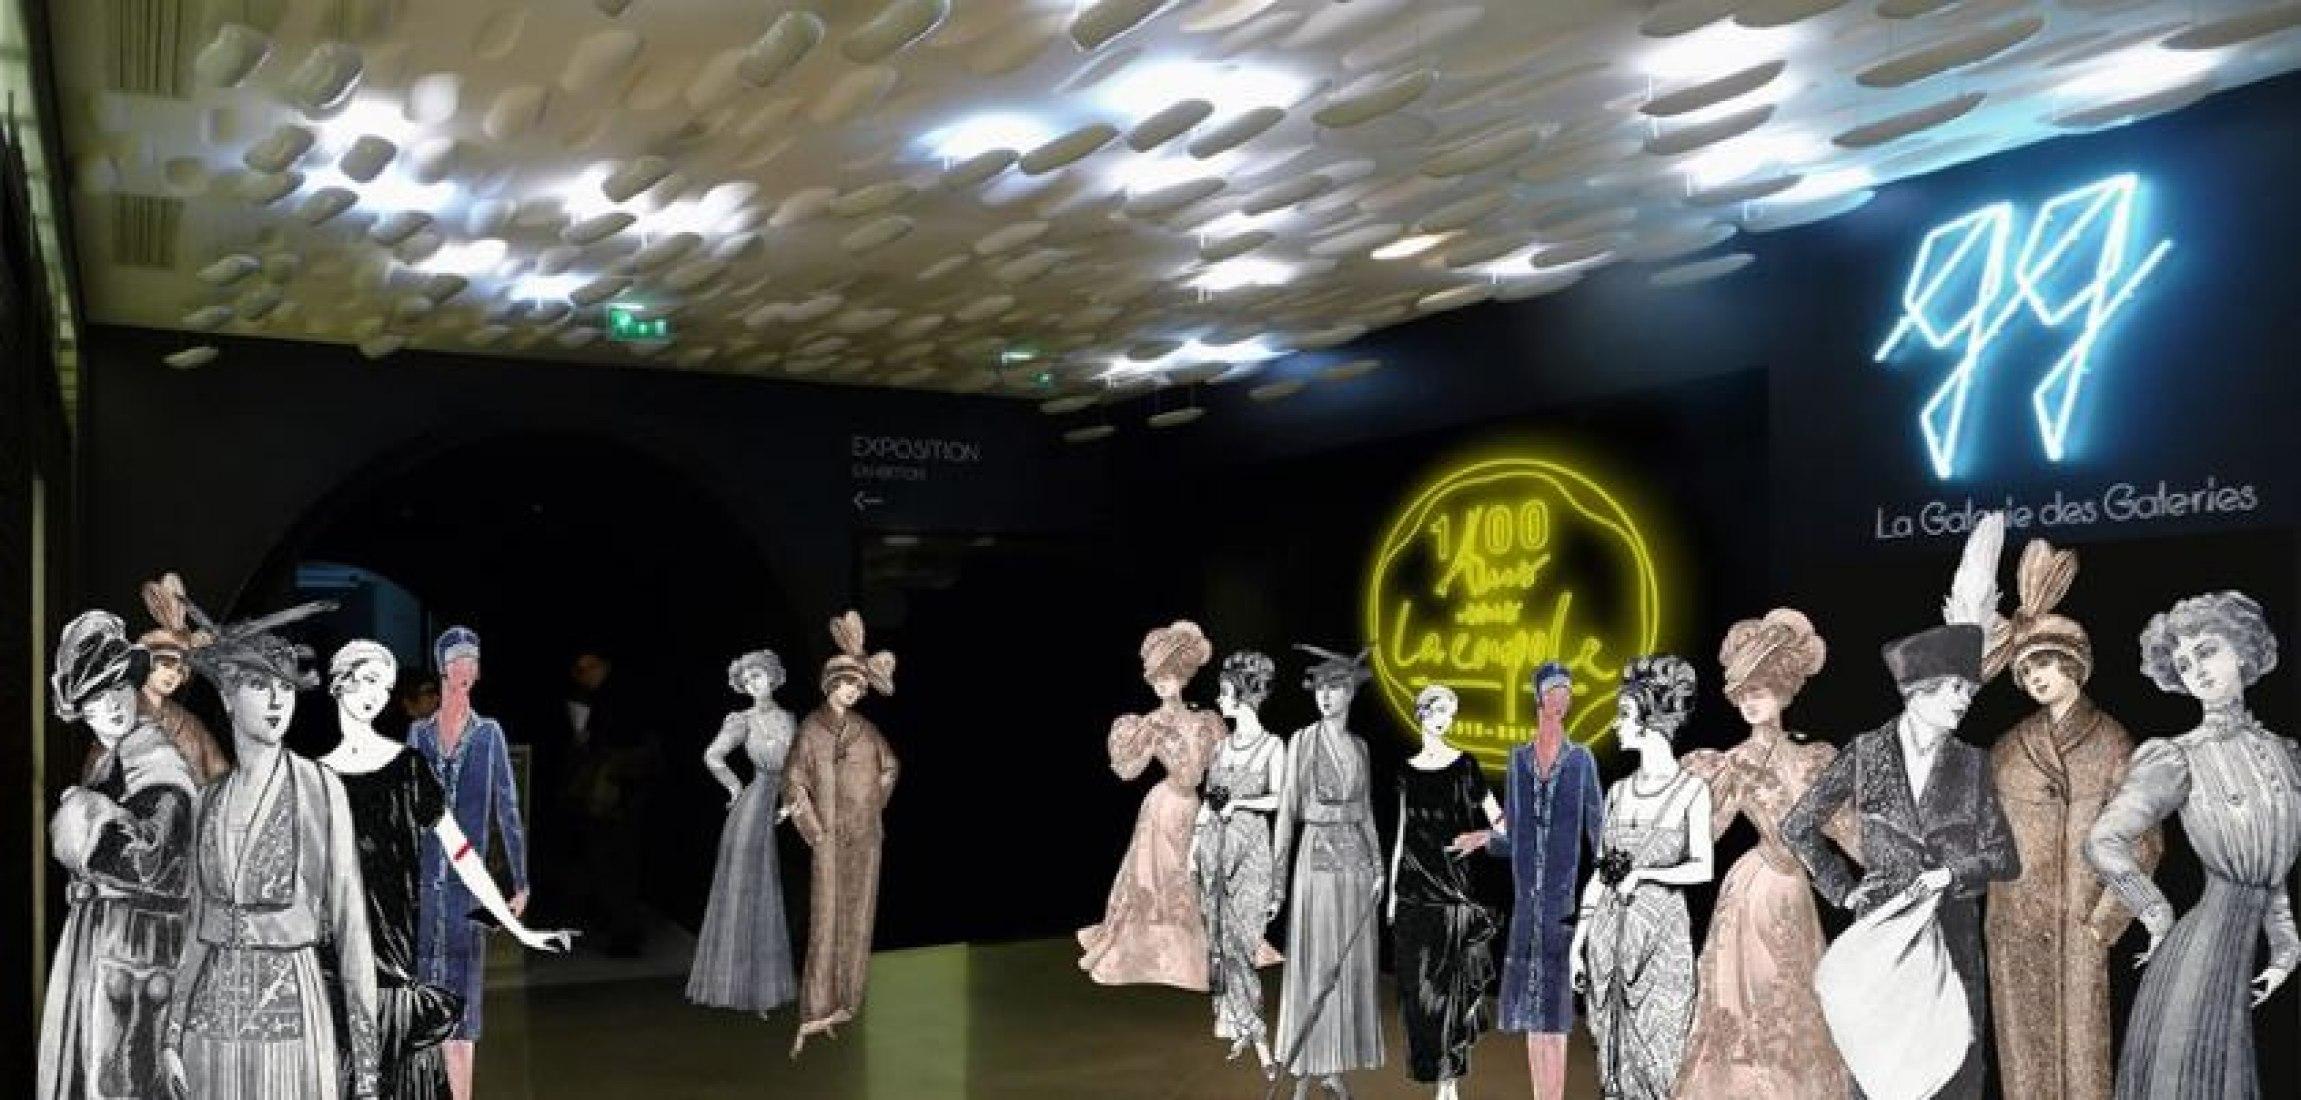 Los irónicos almacenes de París celebrarn el 100 aniversario de su famosa cúpula, un símbolo de la tienda y la cultura. OMA ha sido invitado a estudiar este viaje cultural centenario. Copyright OMA.